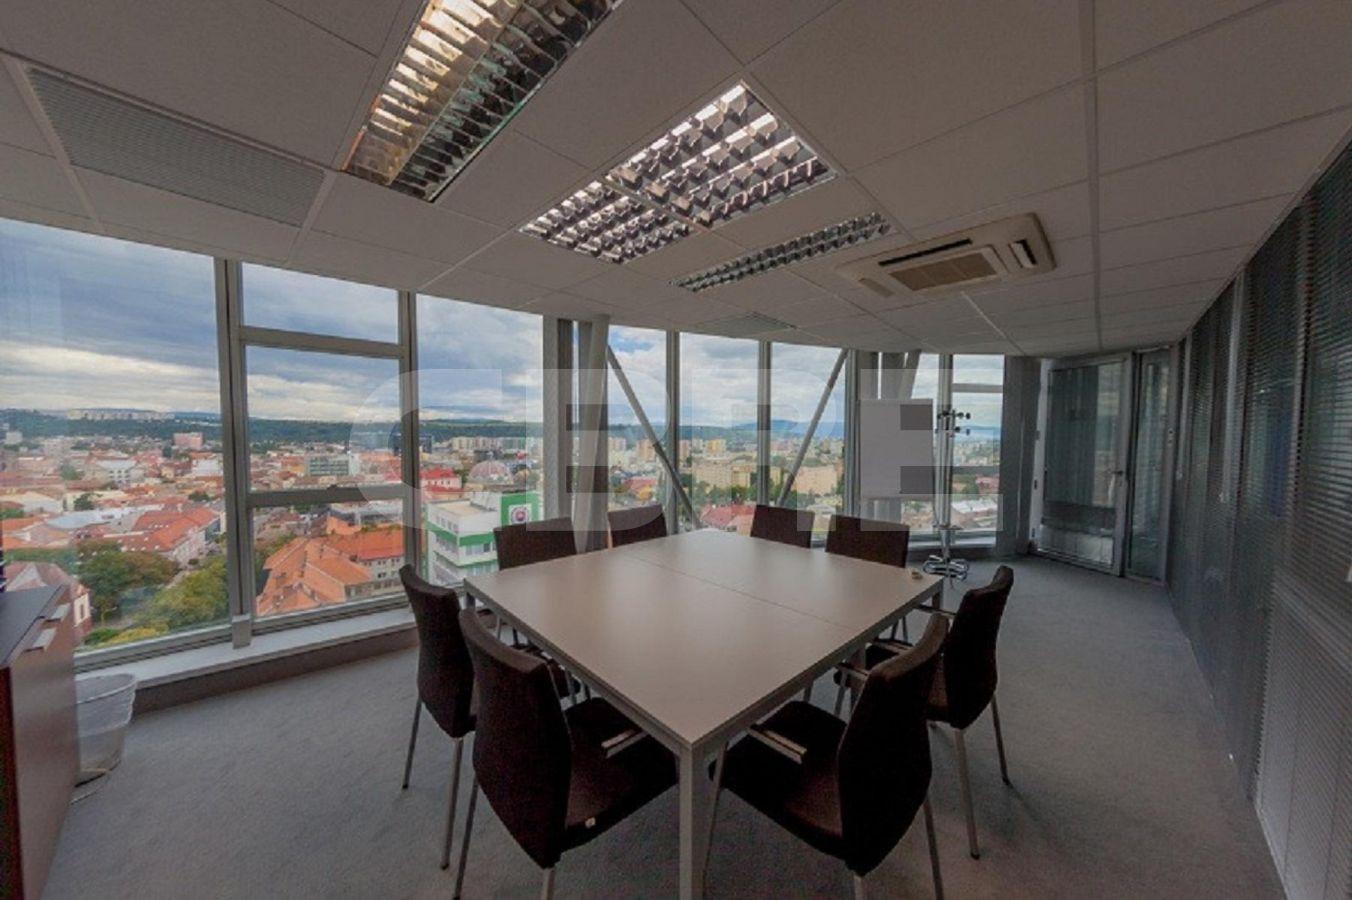 Business Center Košice I, Košice - Staré Mesto | Offices for rent by CBRE | 2